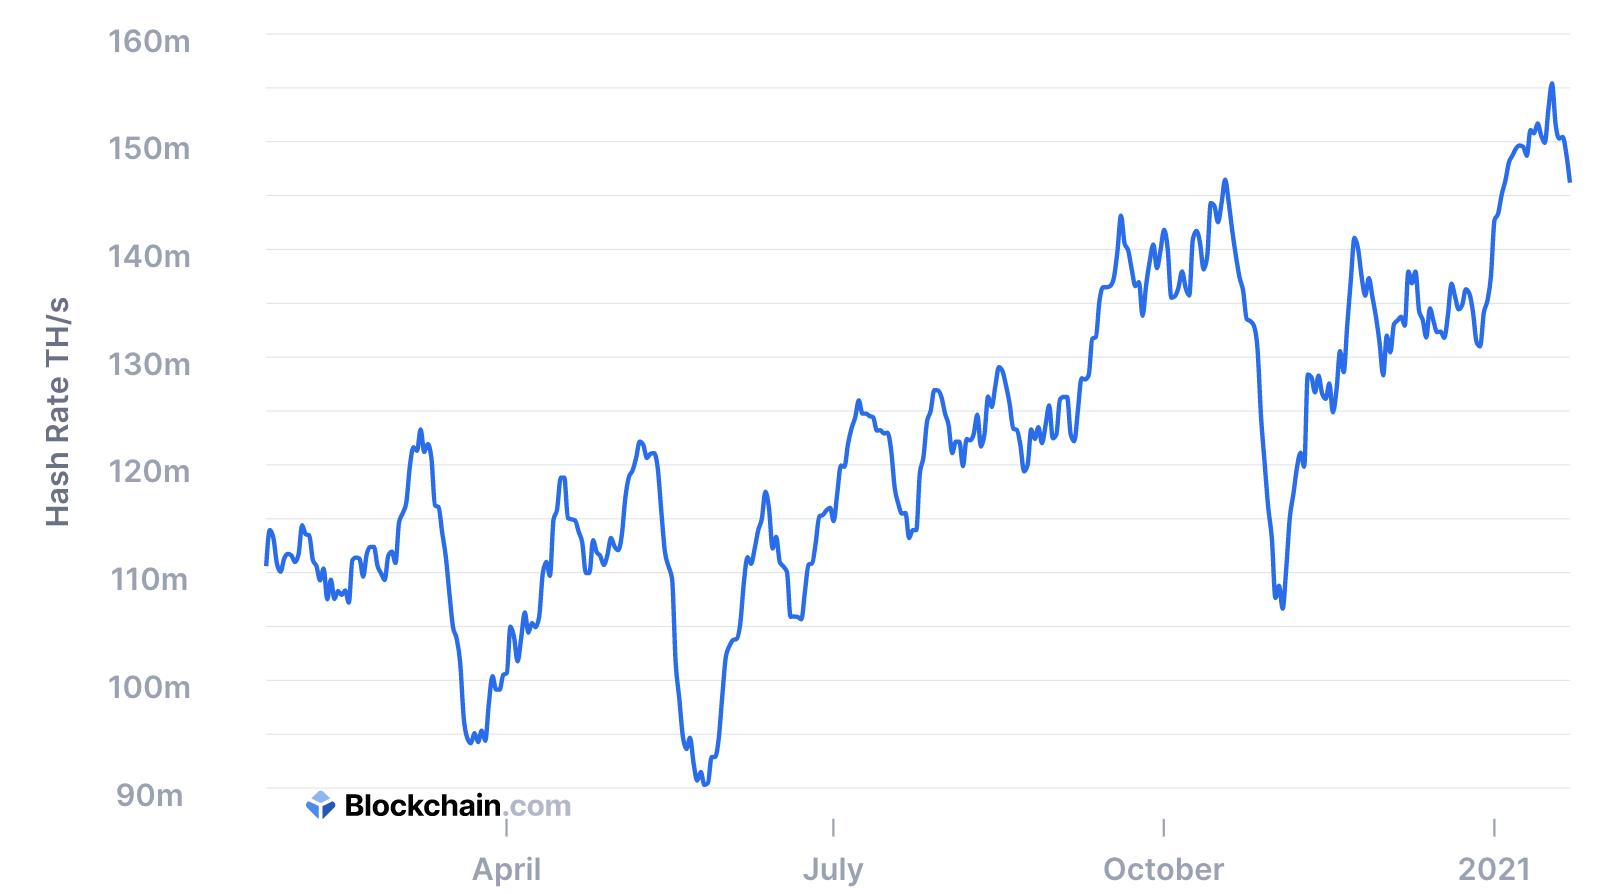 Bitcoin's hashrate, January 23 2021